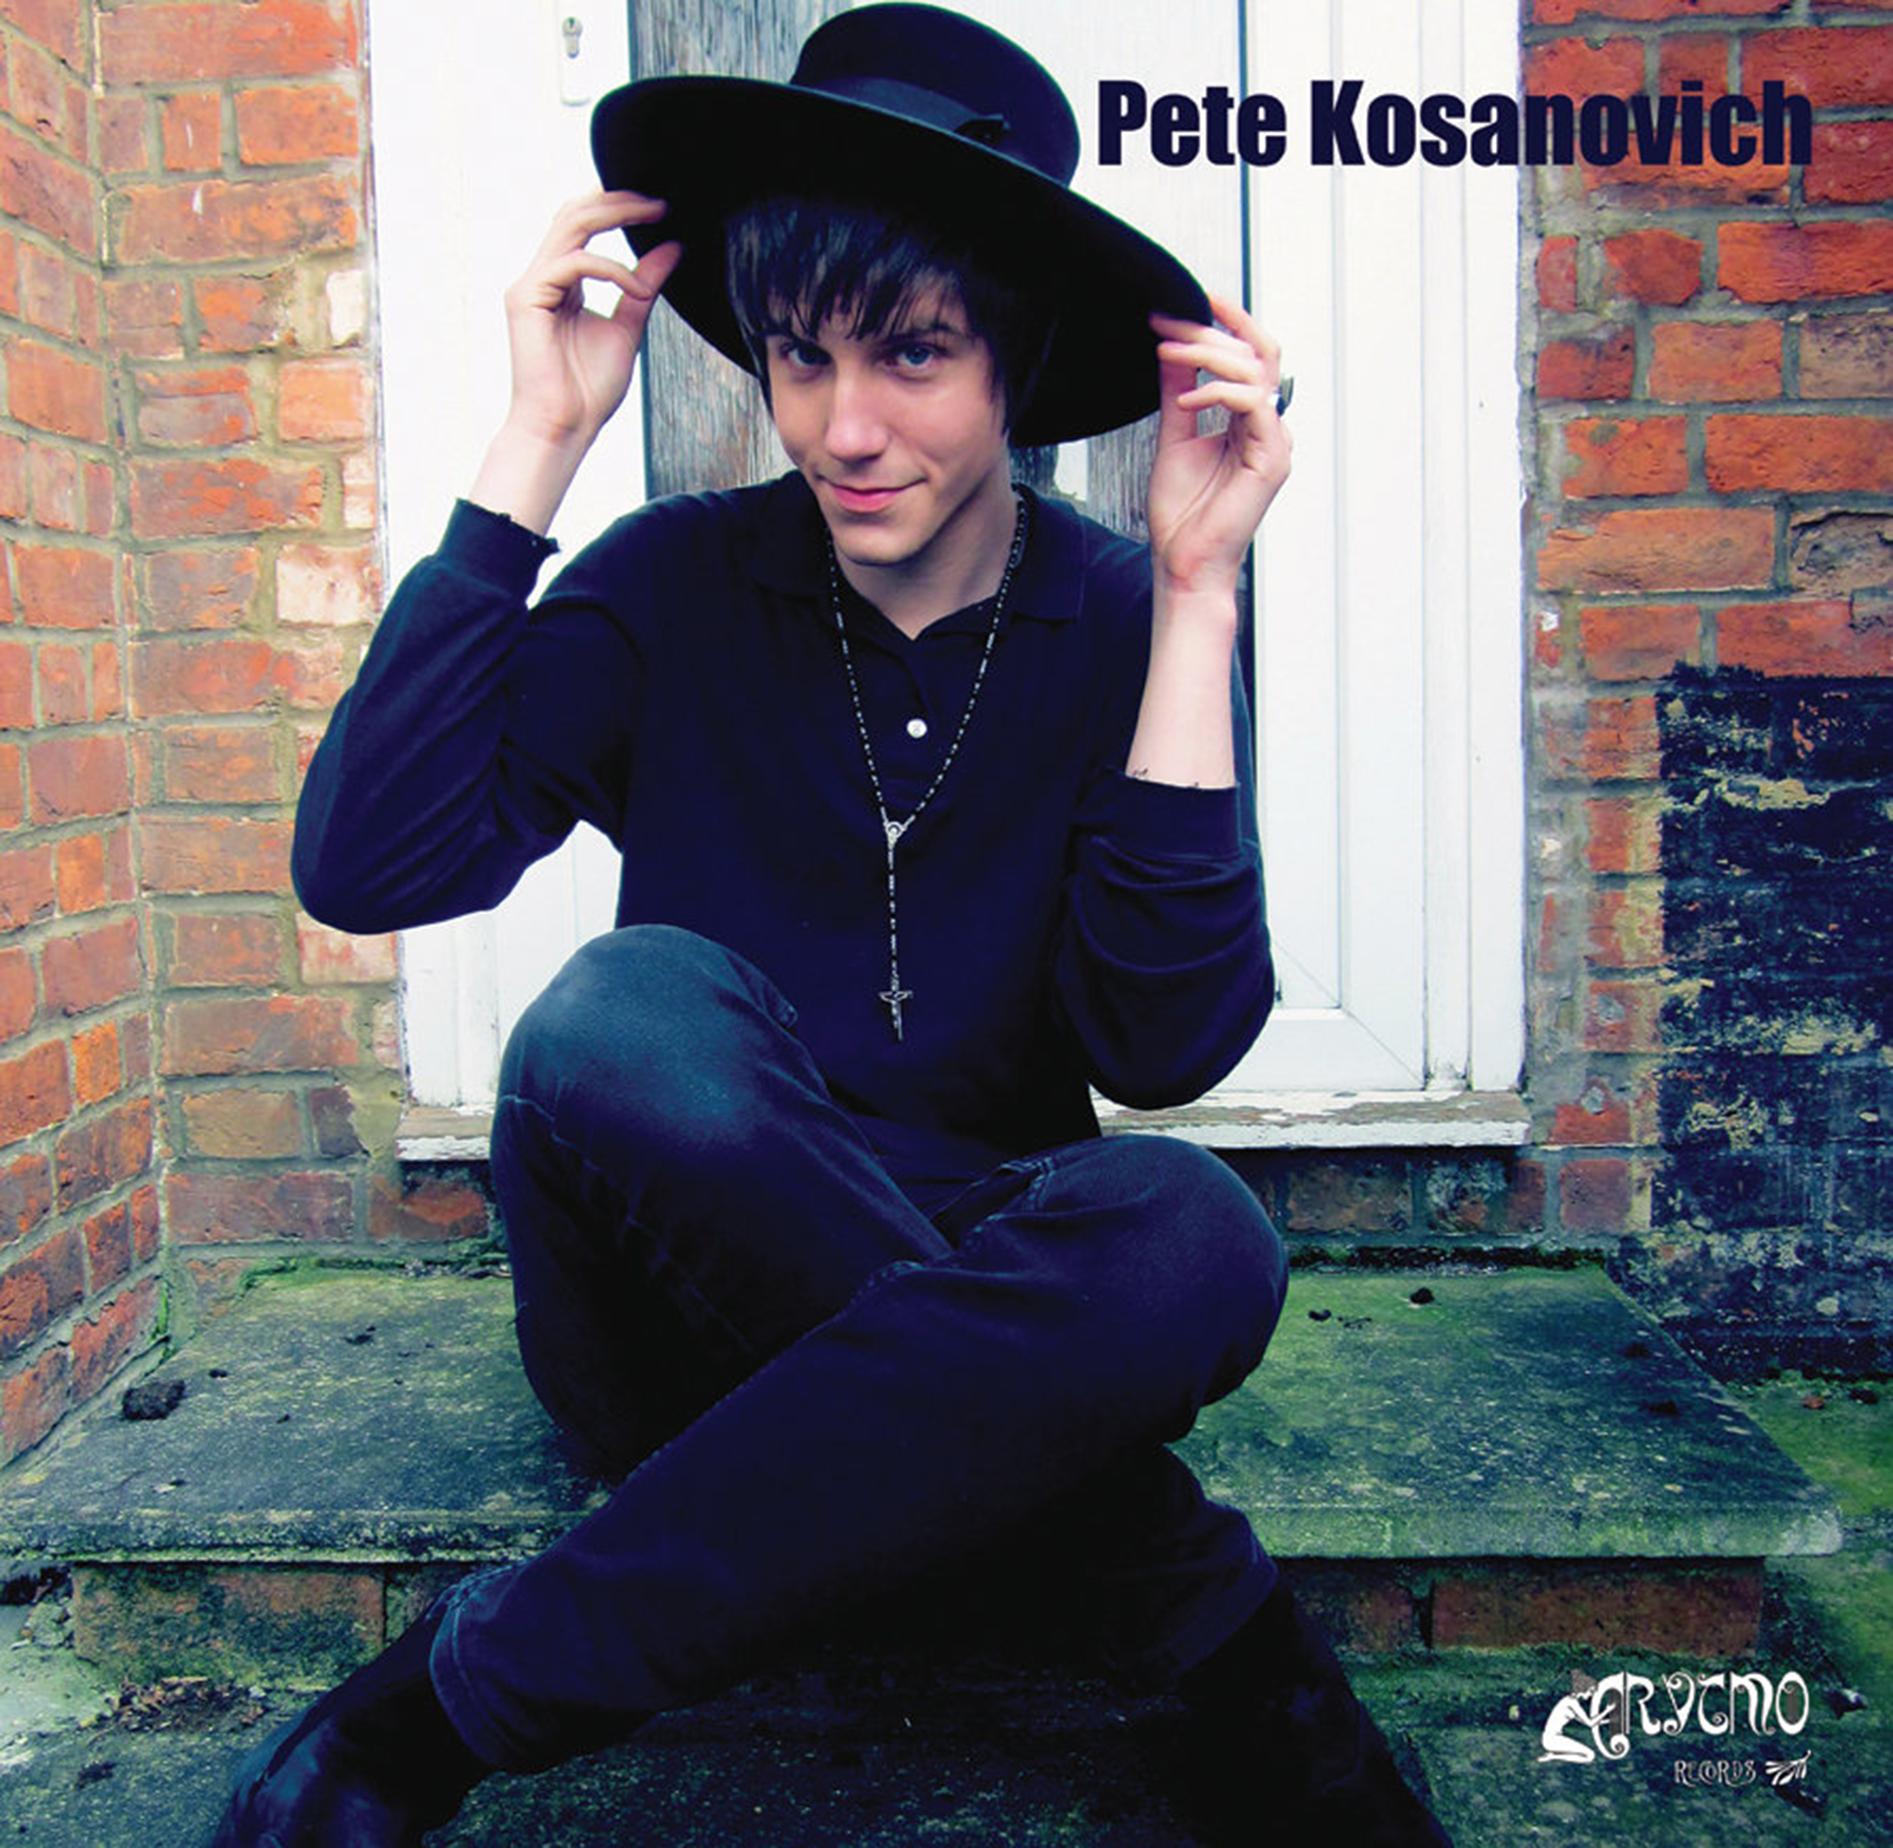 pk album 1